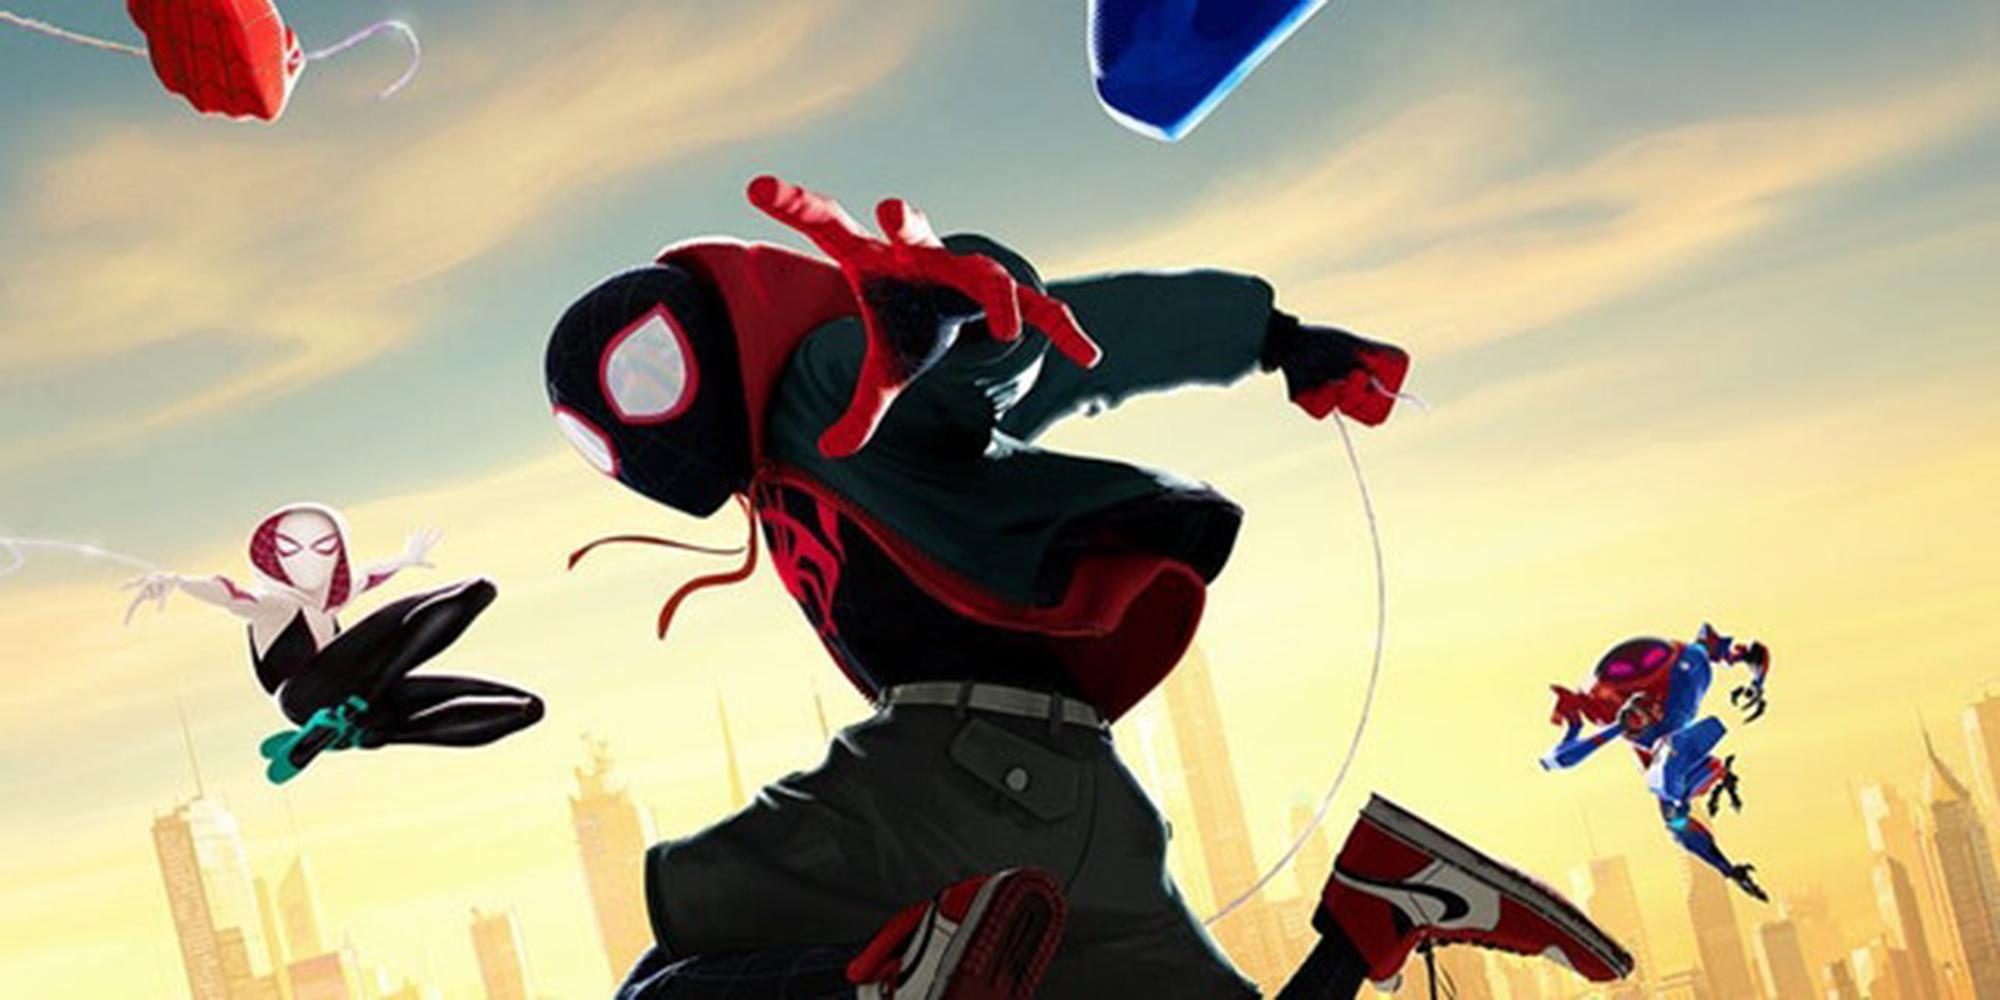 Nouveau trailer pour Spider-Man: Into the Spider-Verse